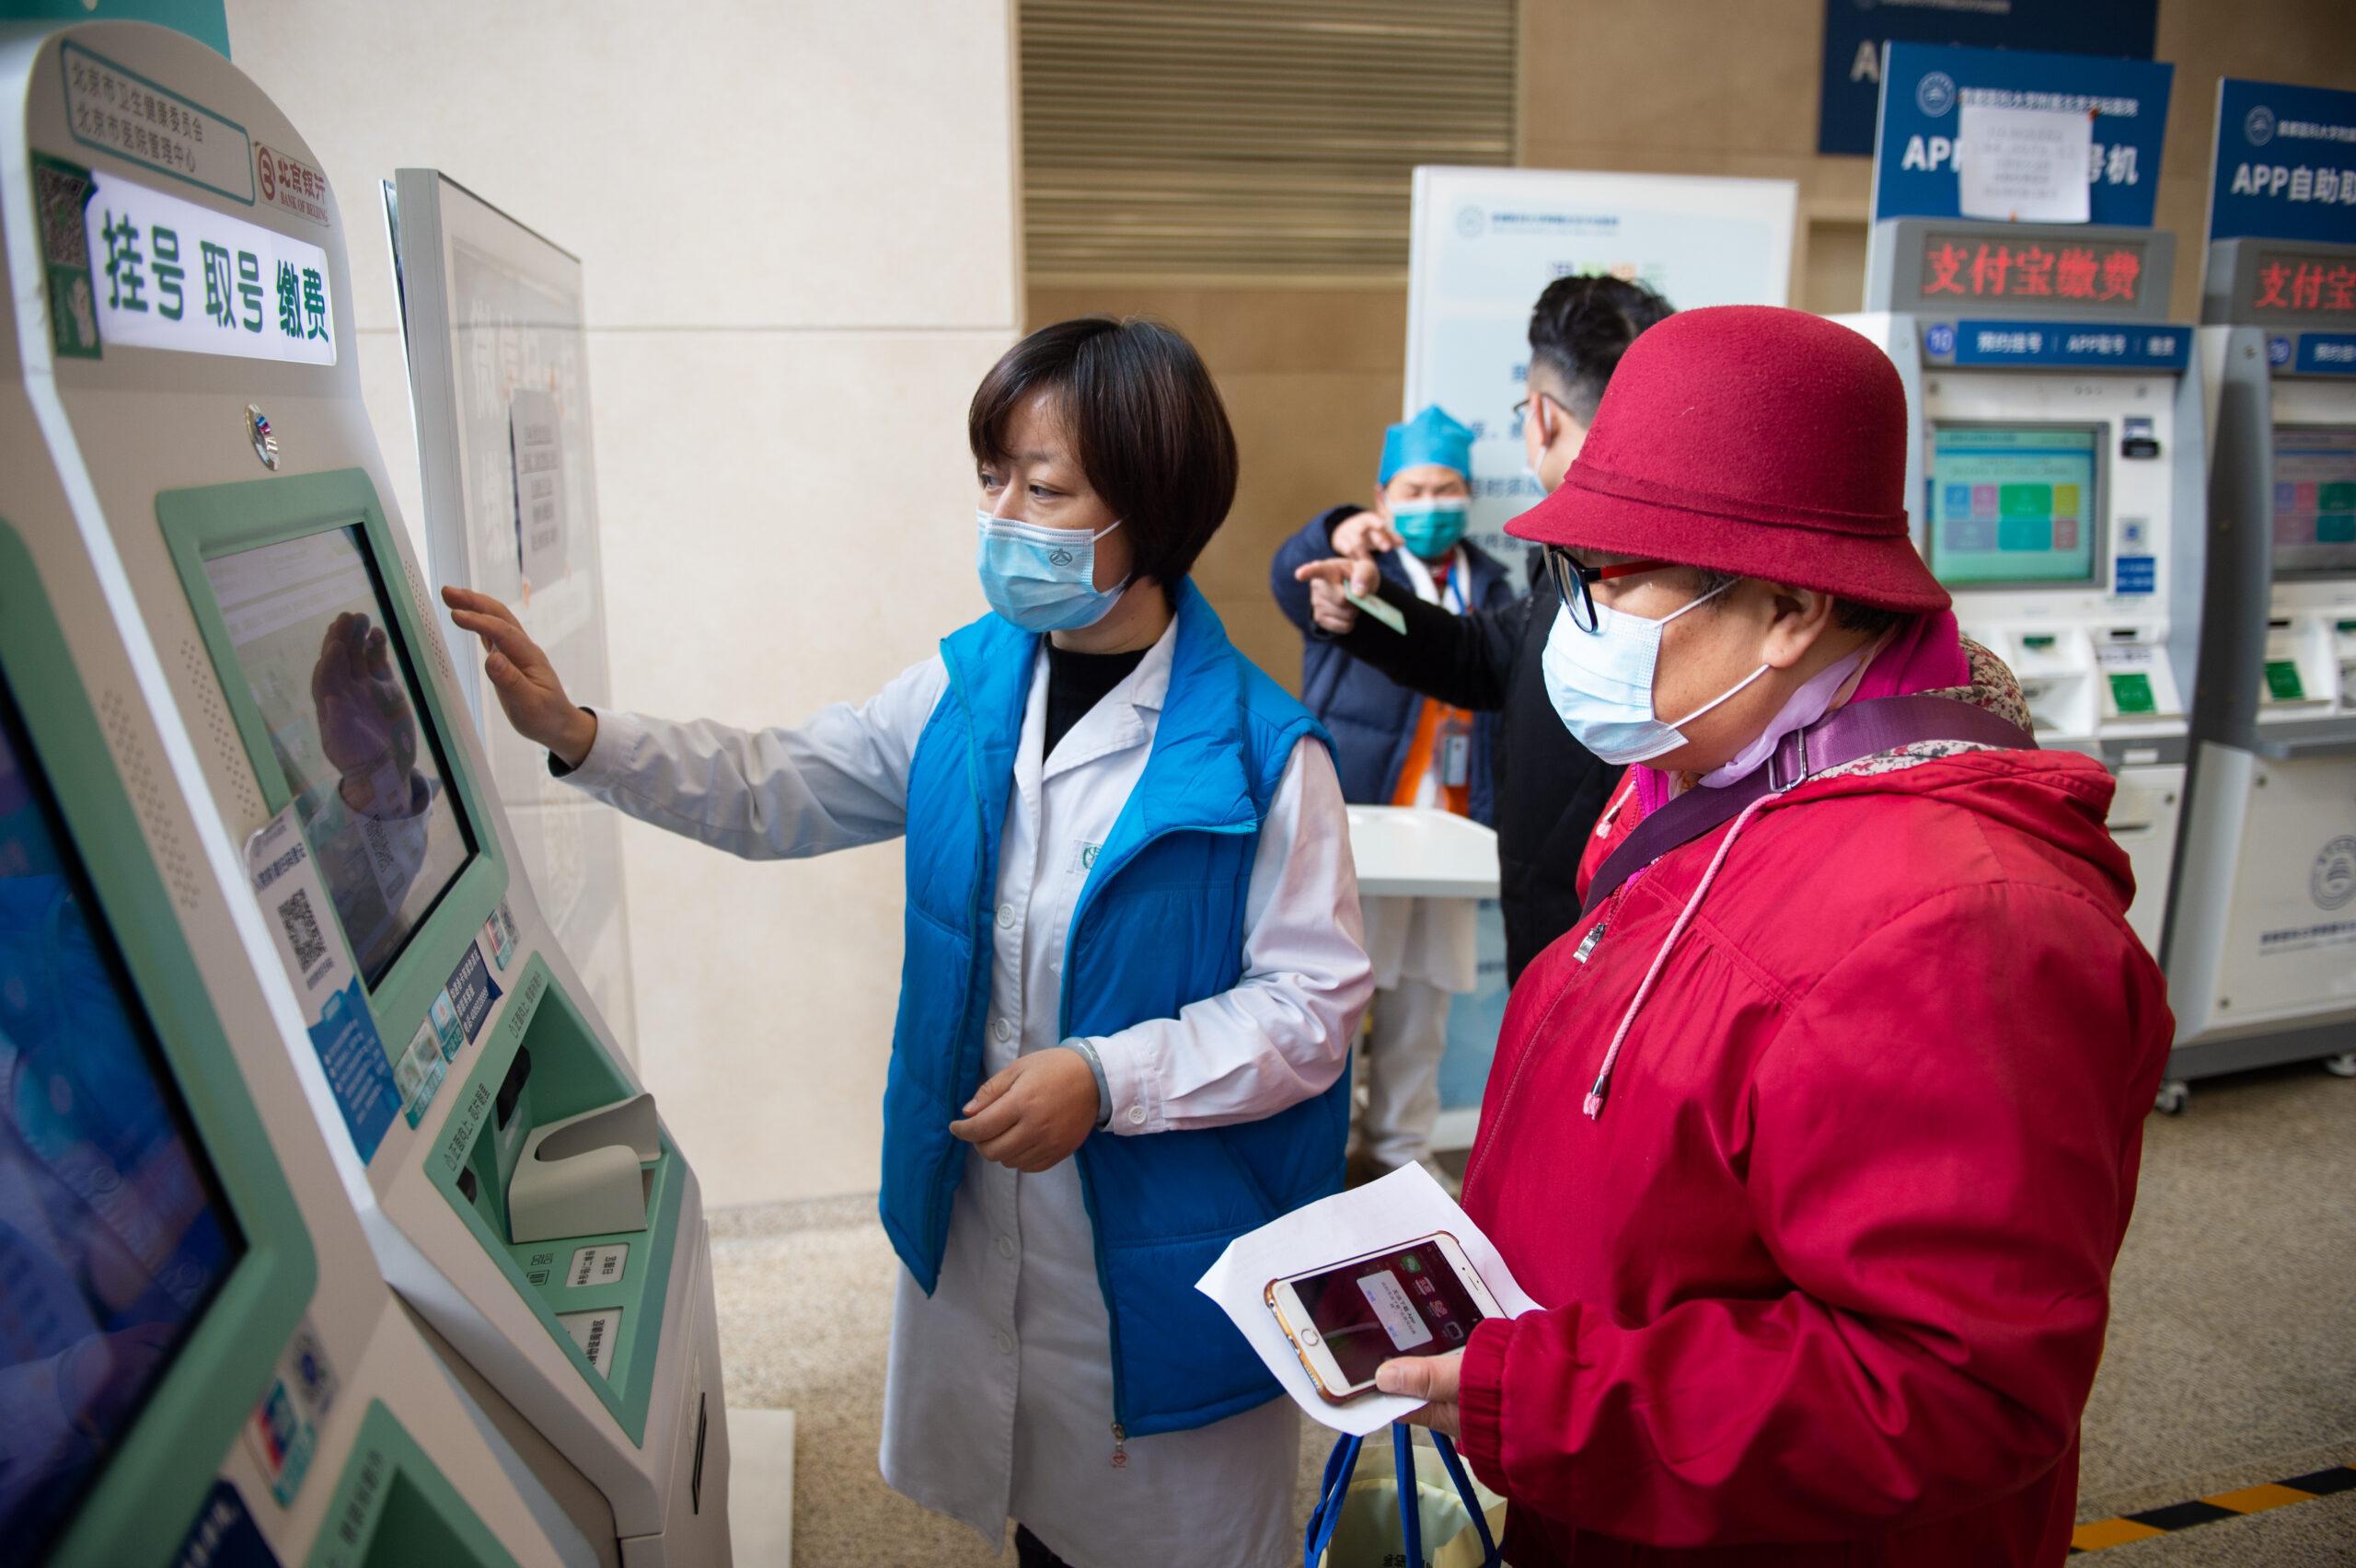 'บริการการแพทย์ดิจิทัล' ในจีน เอื้อความสะดวกสบายแก่ประชาชน